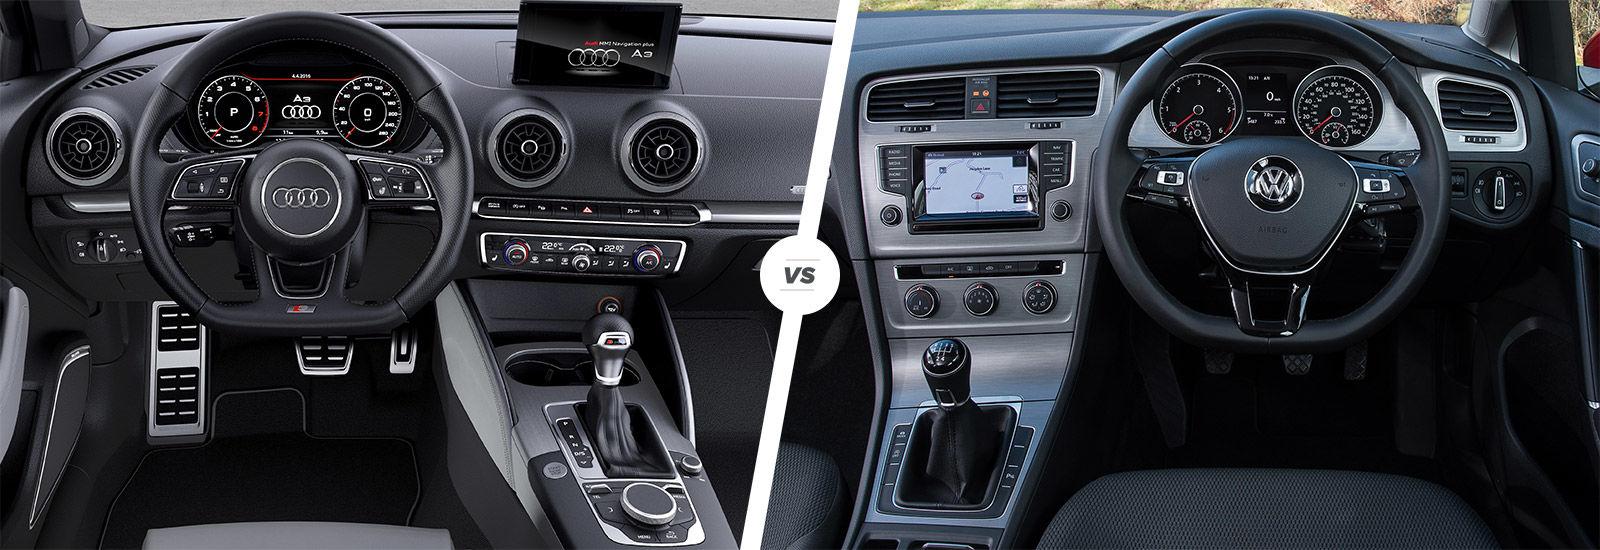 Audi A3 vs VW Golf interior